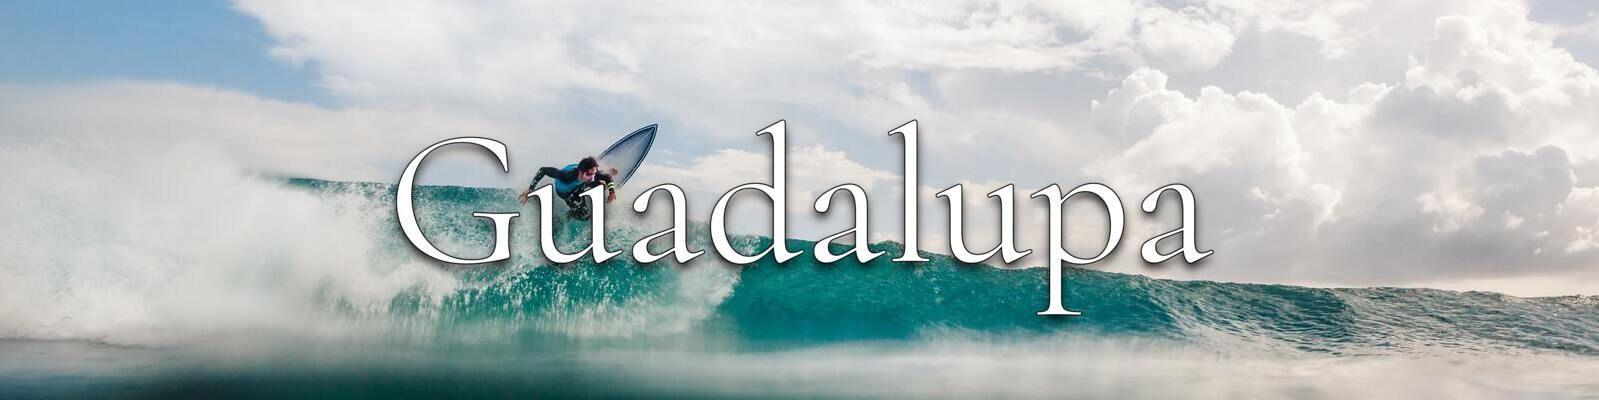 Guadalupa Caraibi